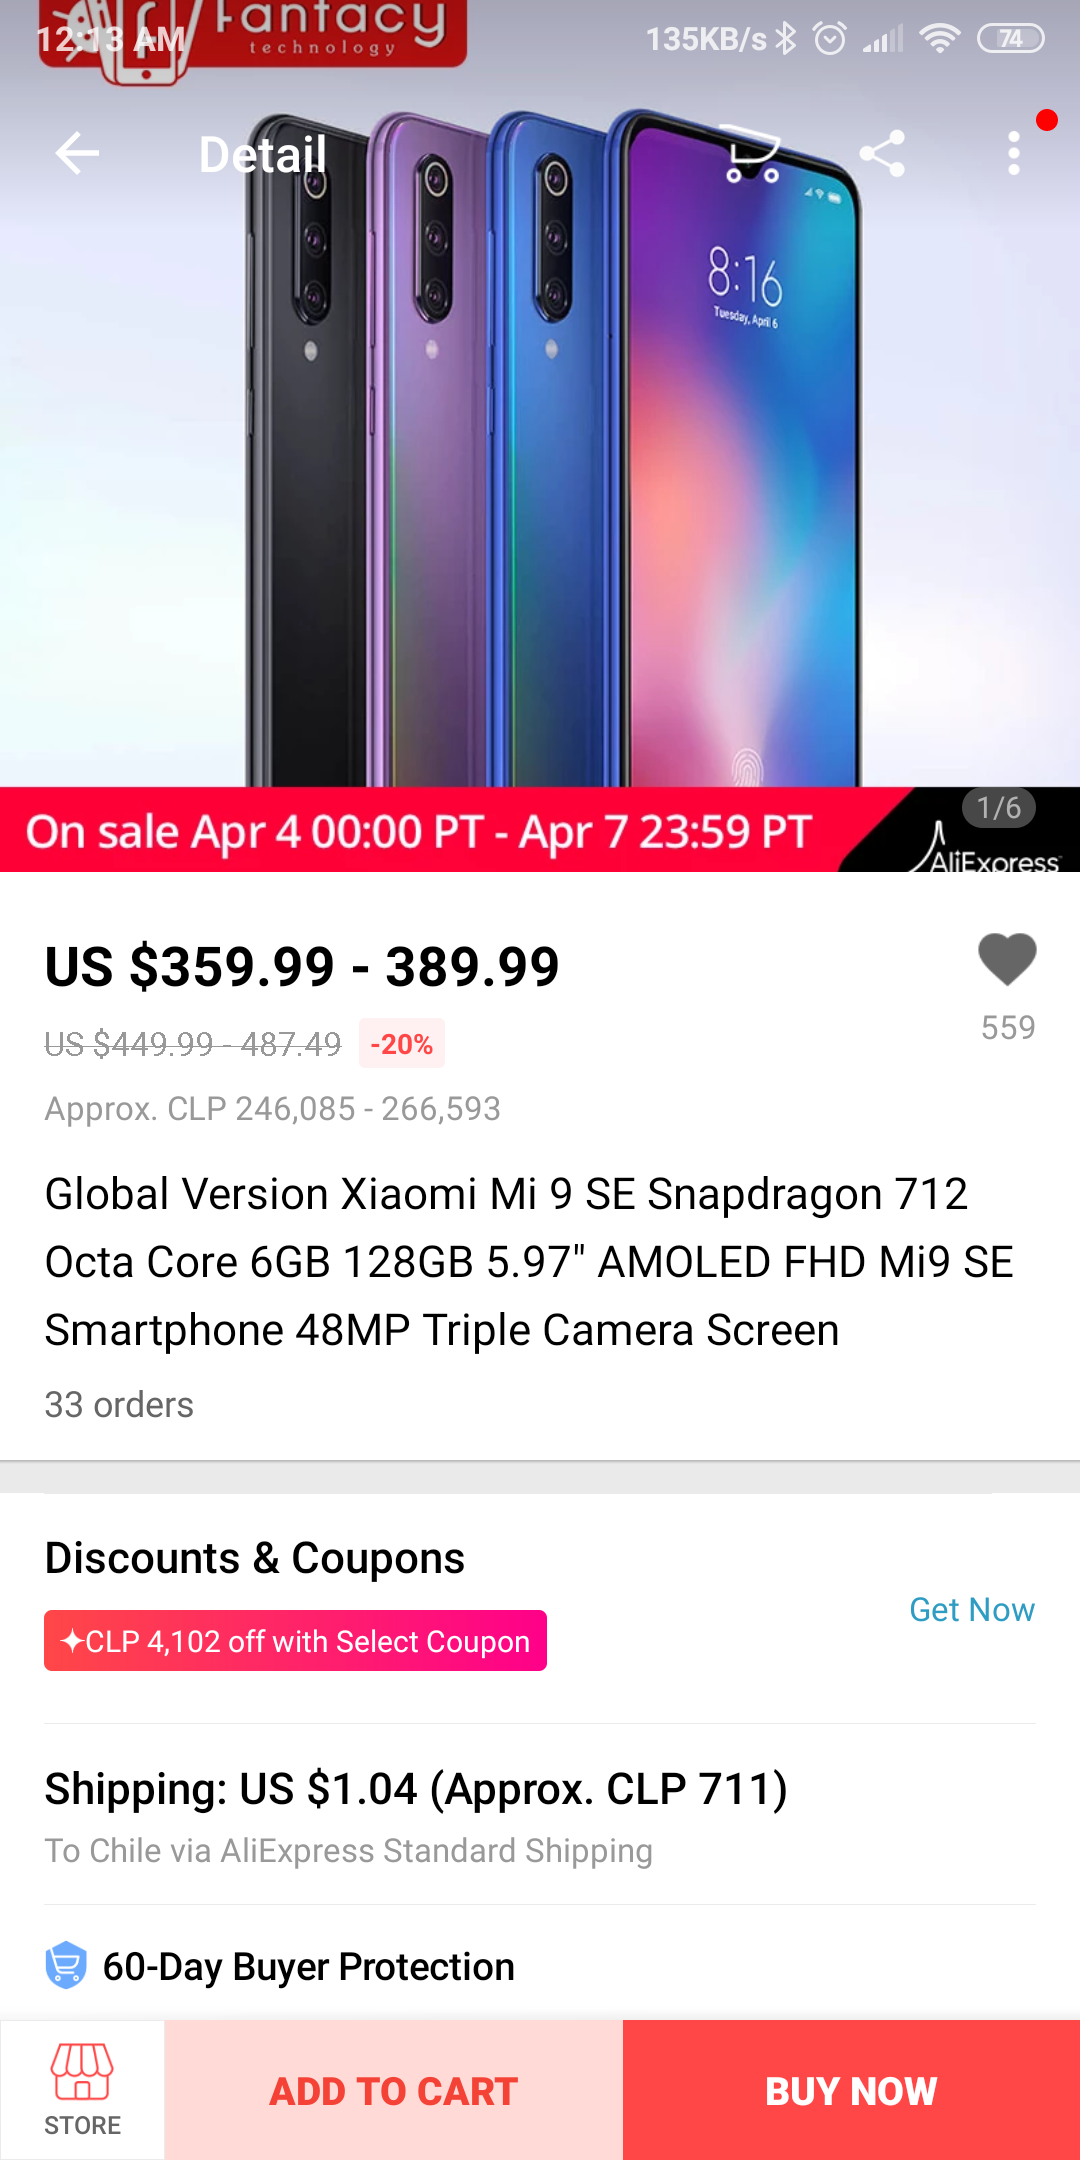 https://cdn.discordapp.com/attachments/189466684938125312/566113763129032704/Screenshot_2019-04-12-00-13-45-670_com.alibaba.aliexpresshd.png